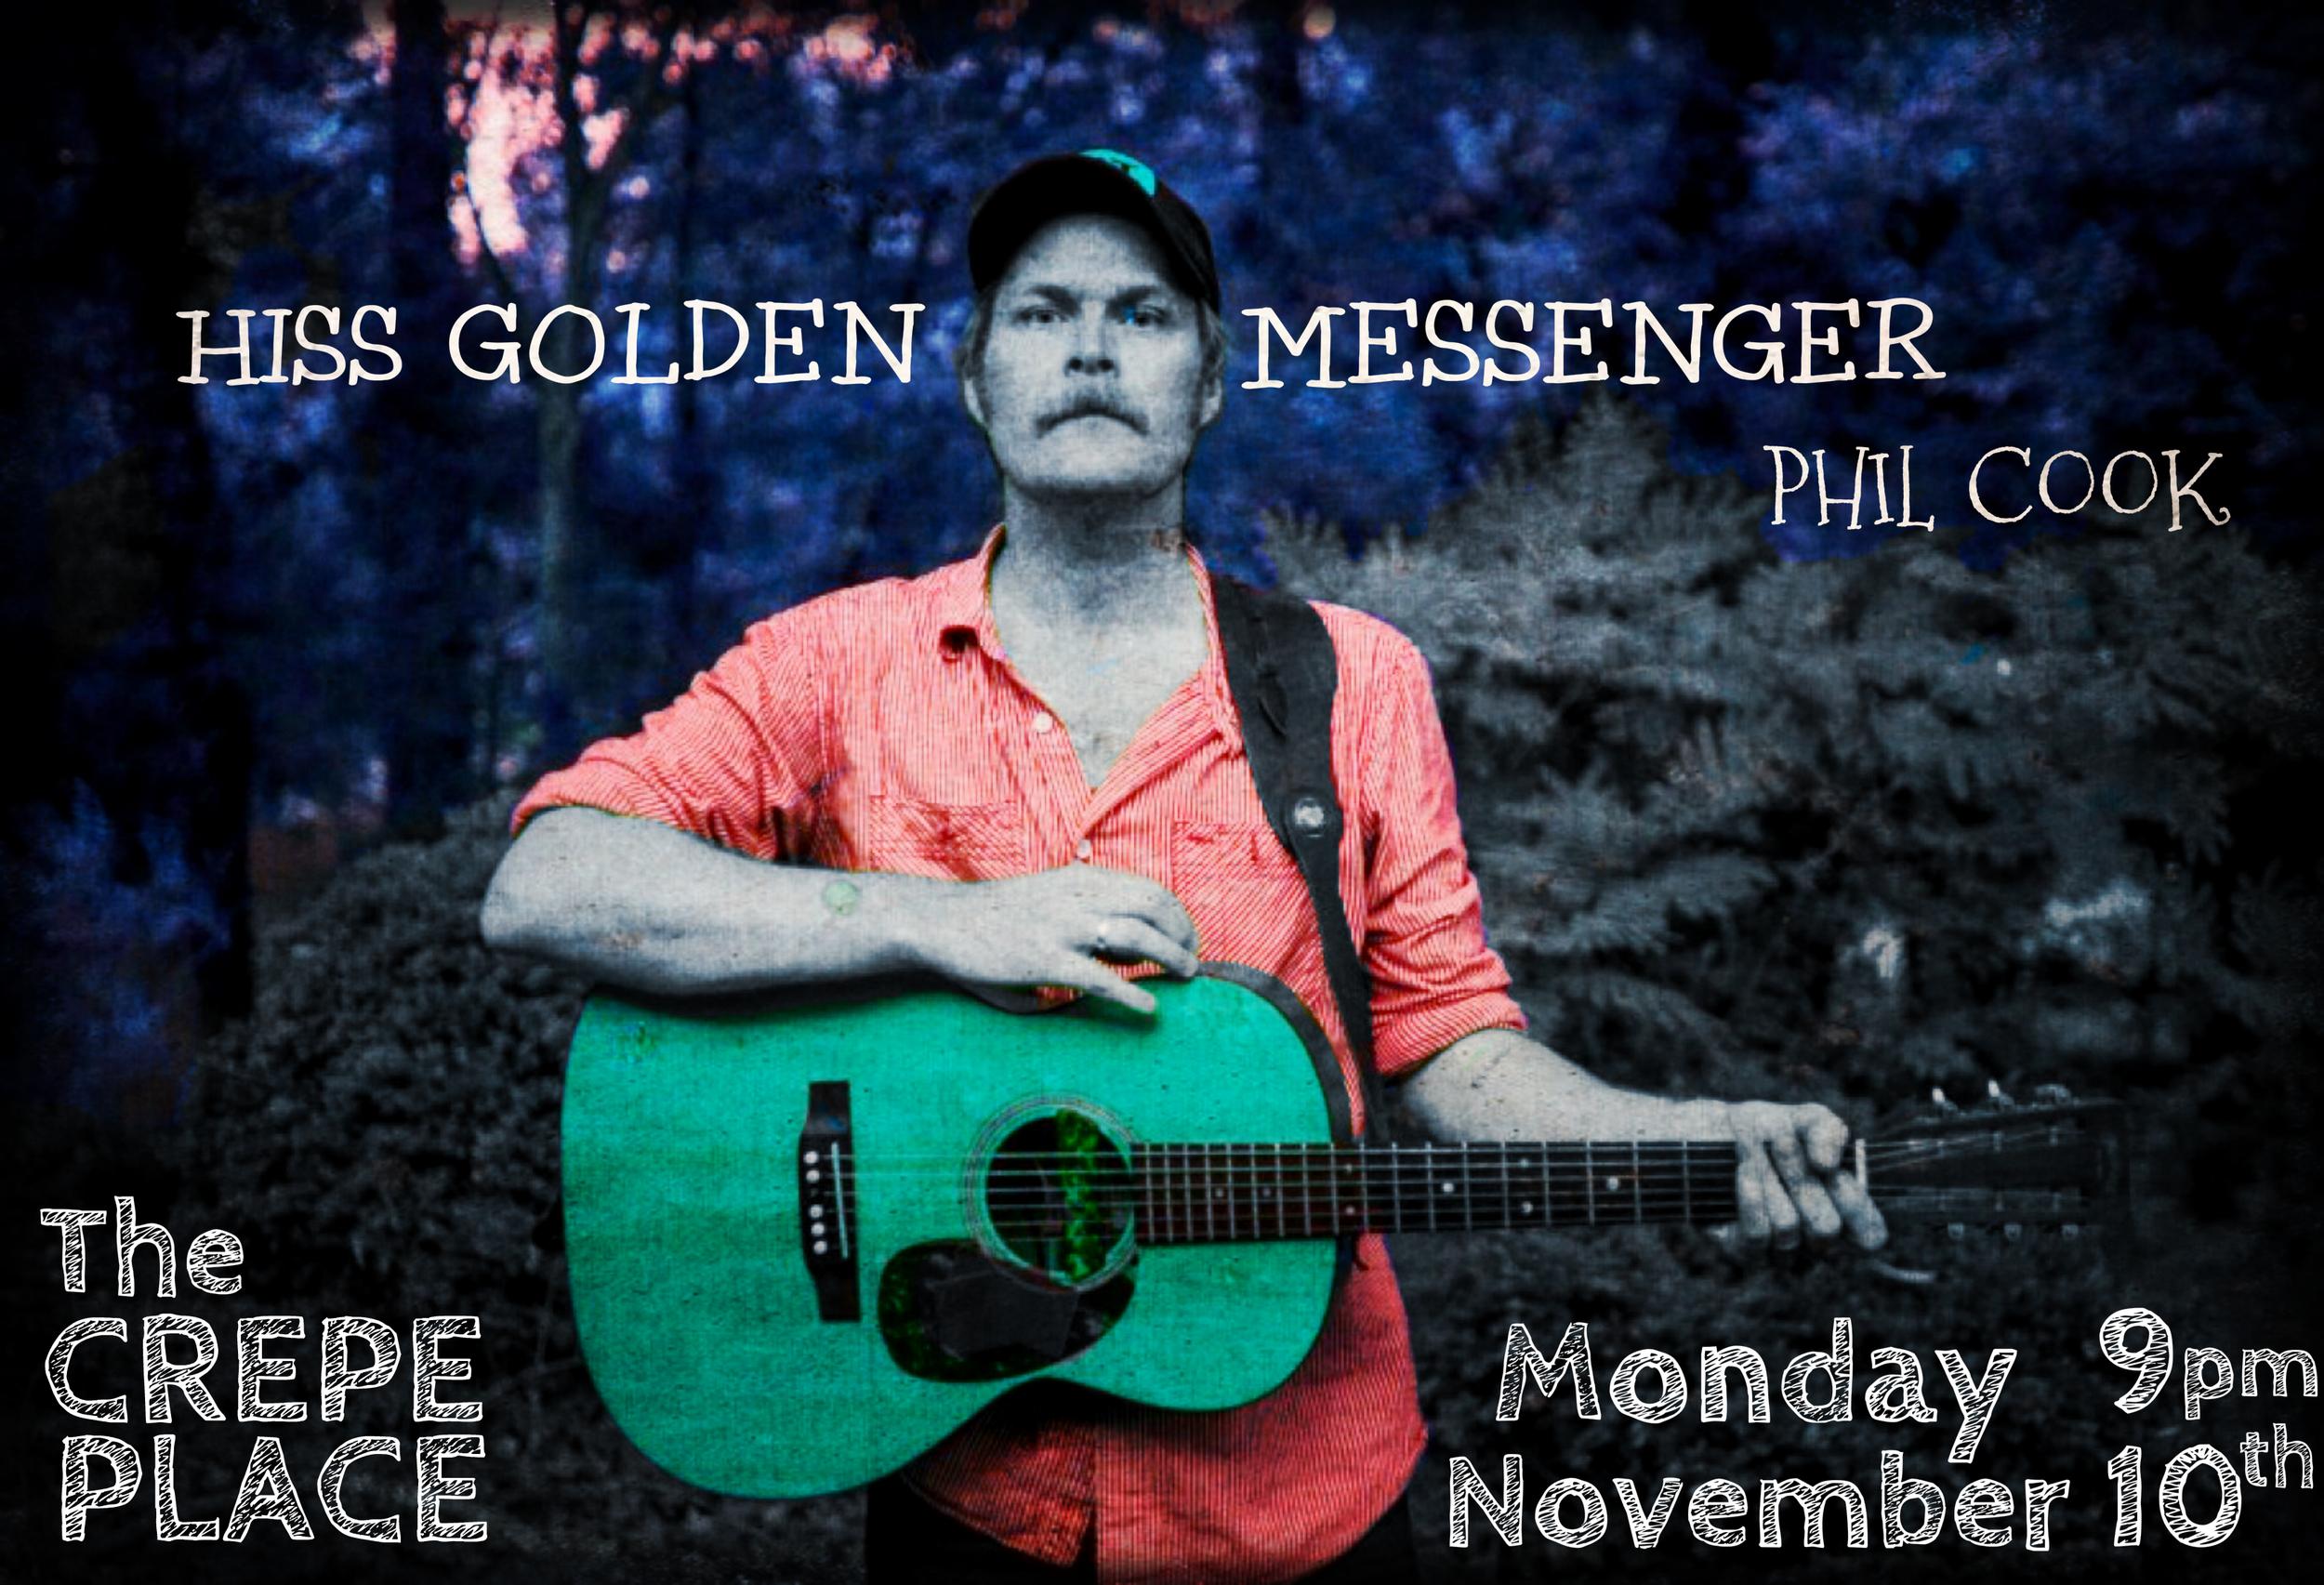 hiss golden messenger 11-10-14.jpg